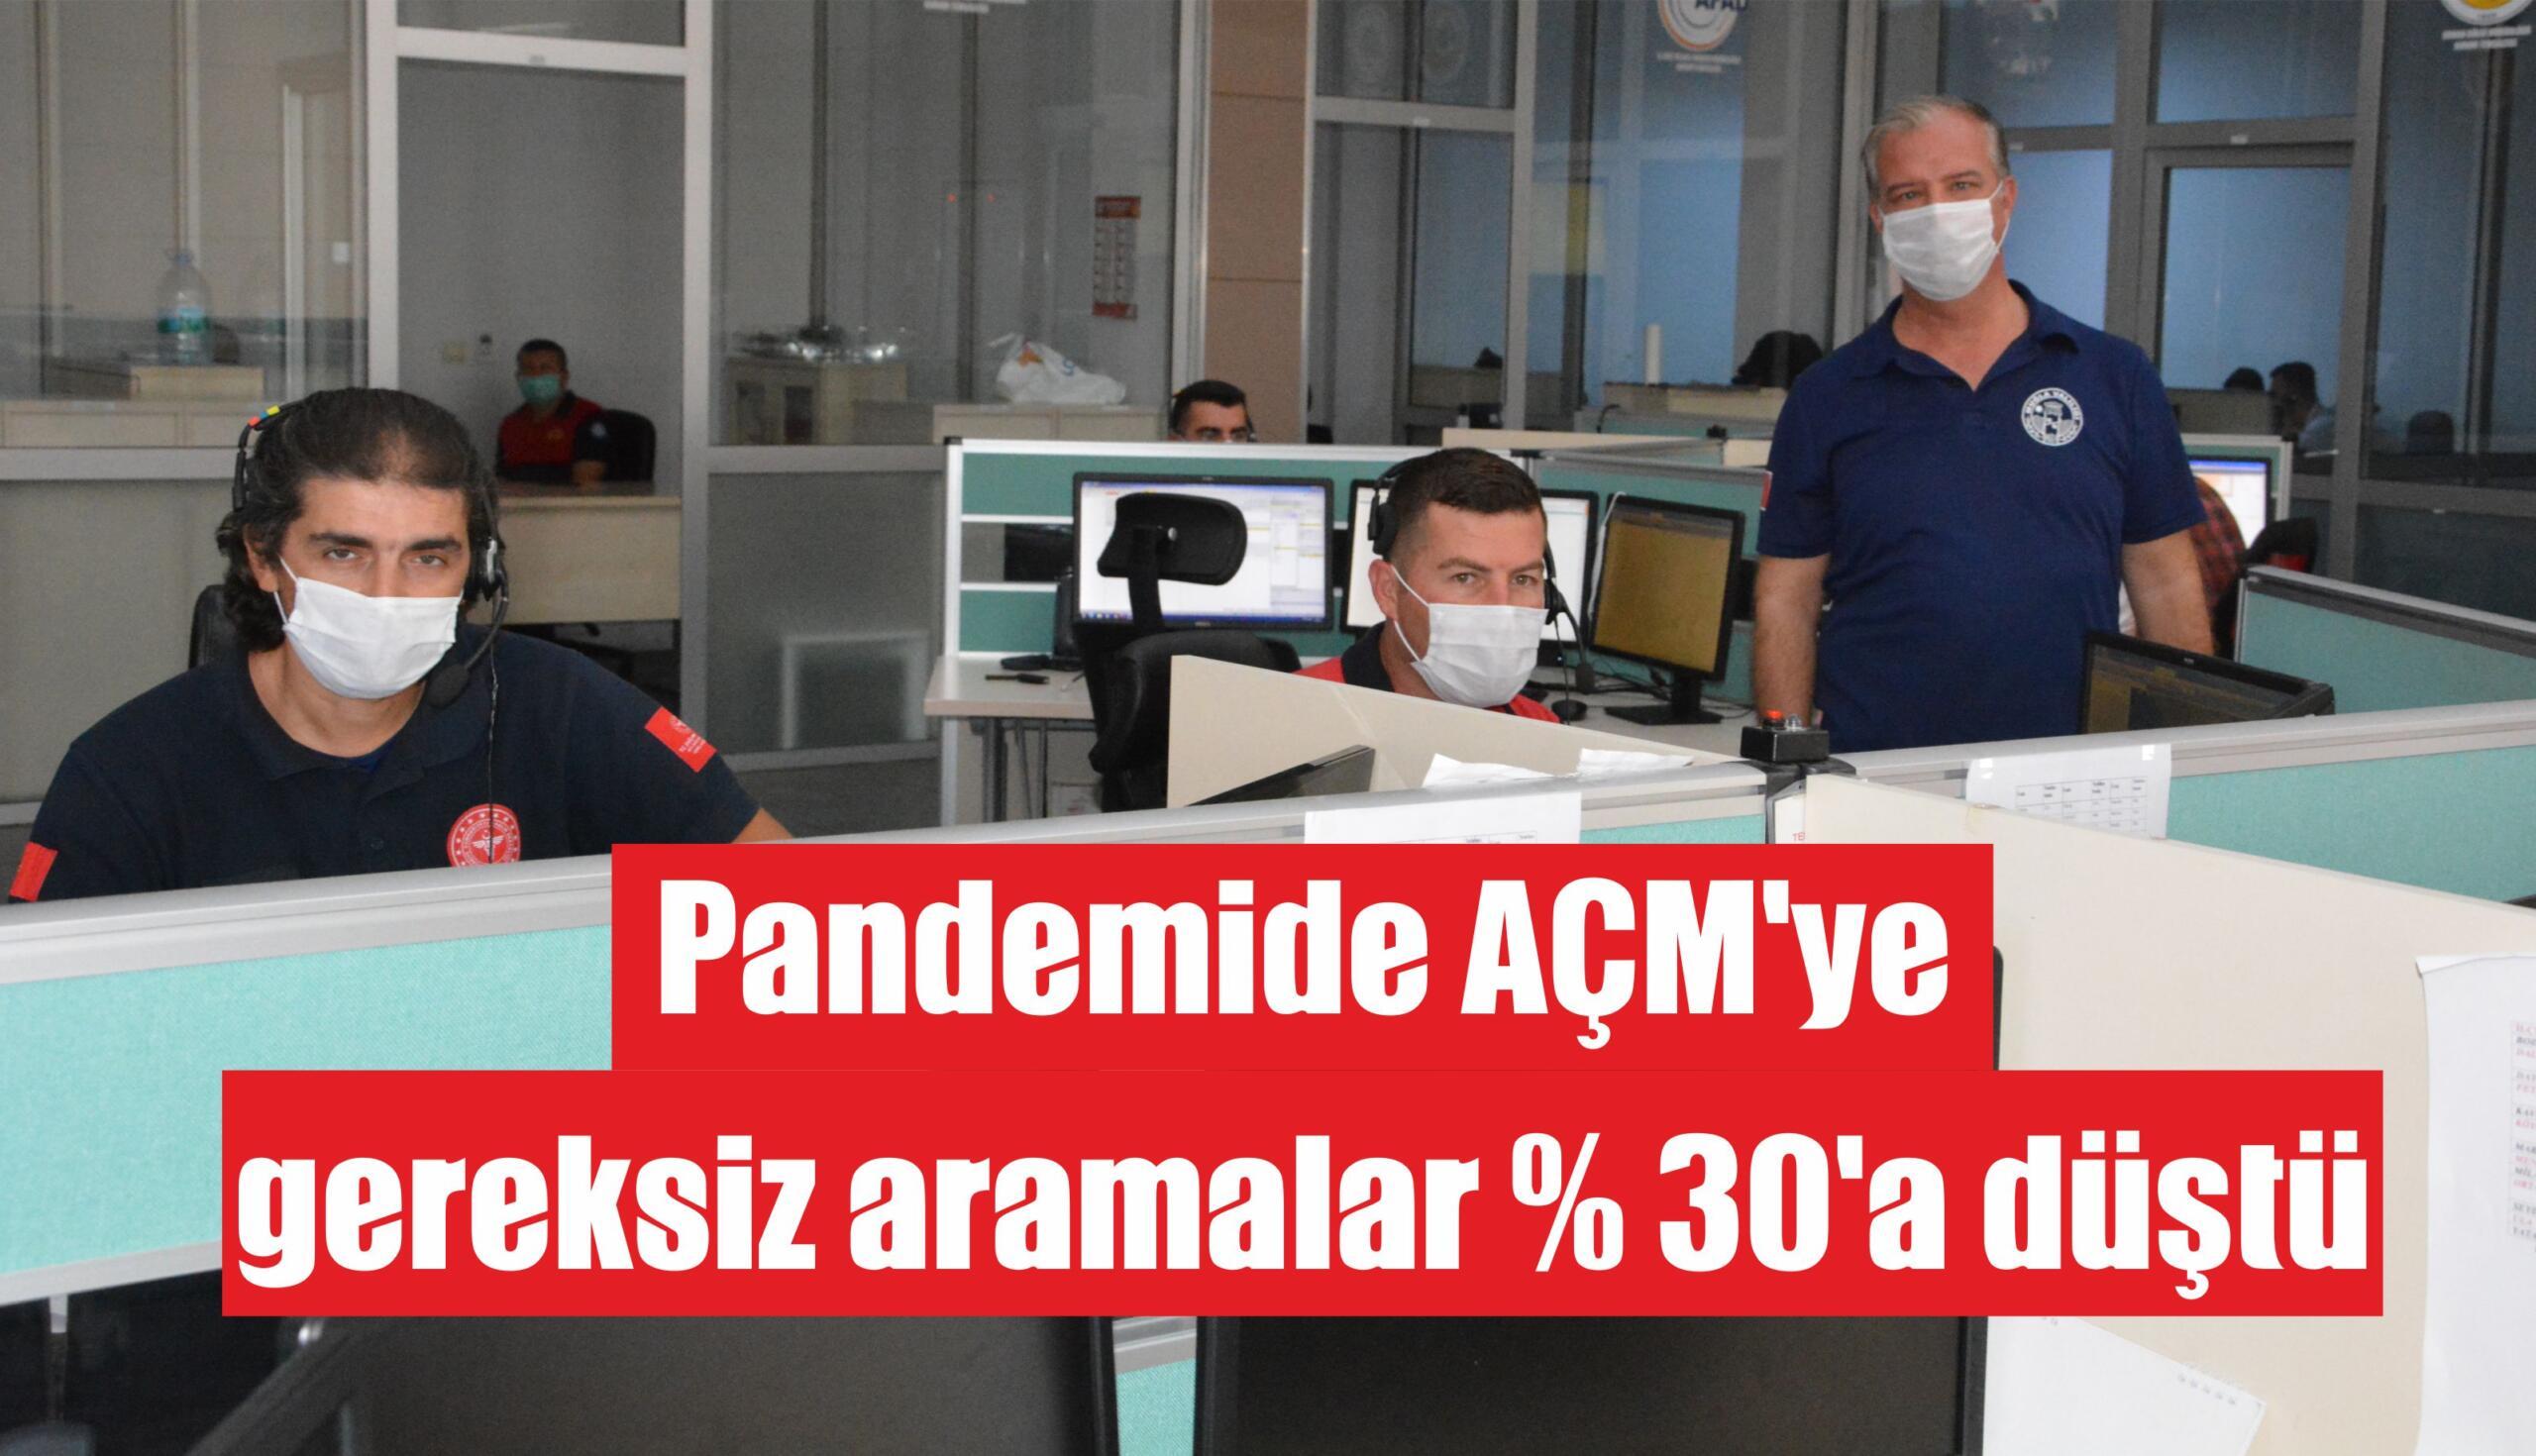 Pandemide AÇM'ye gereksiz aramalar % 30'a düştü